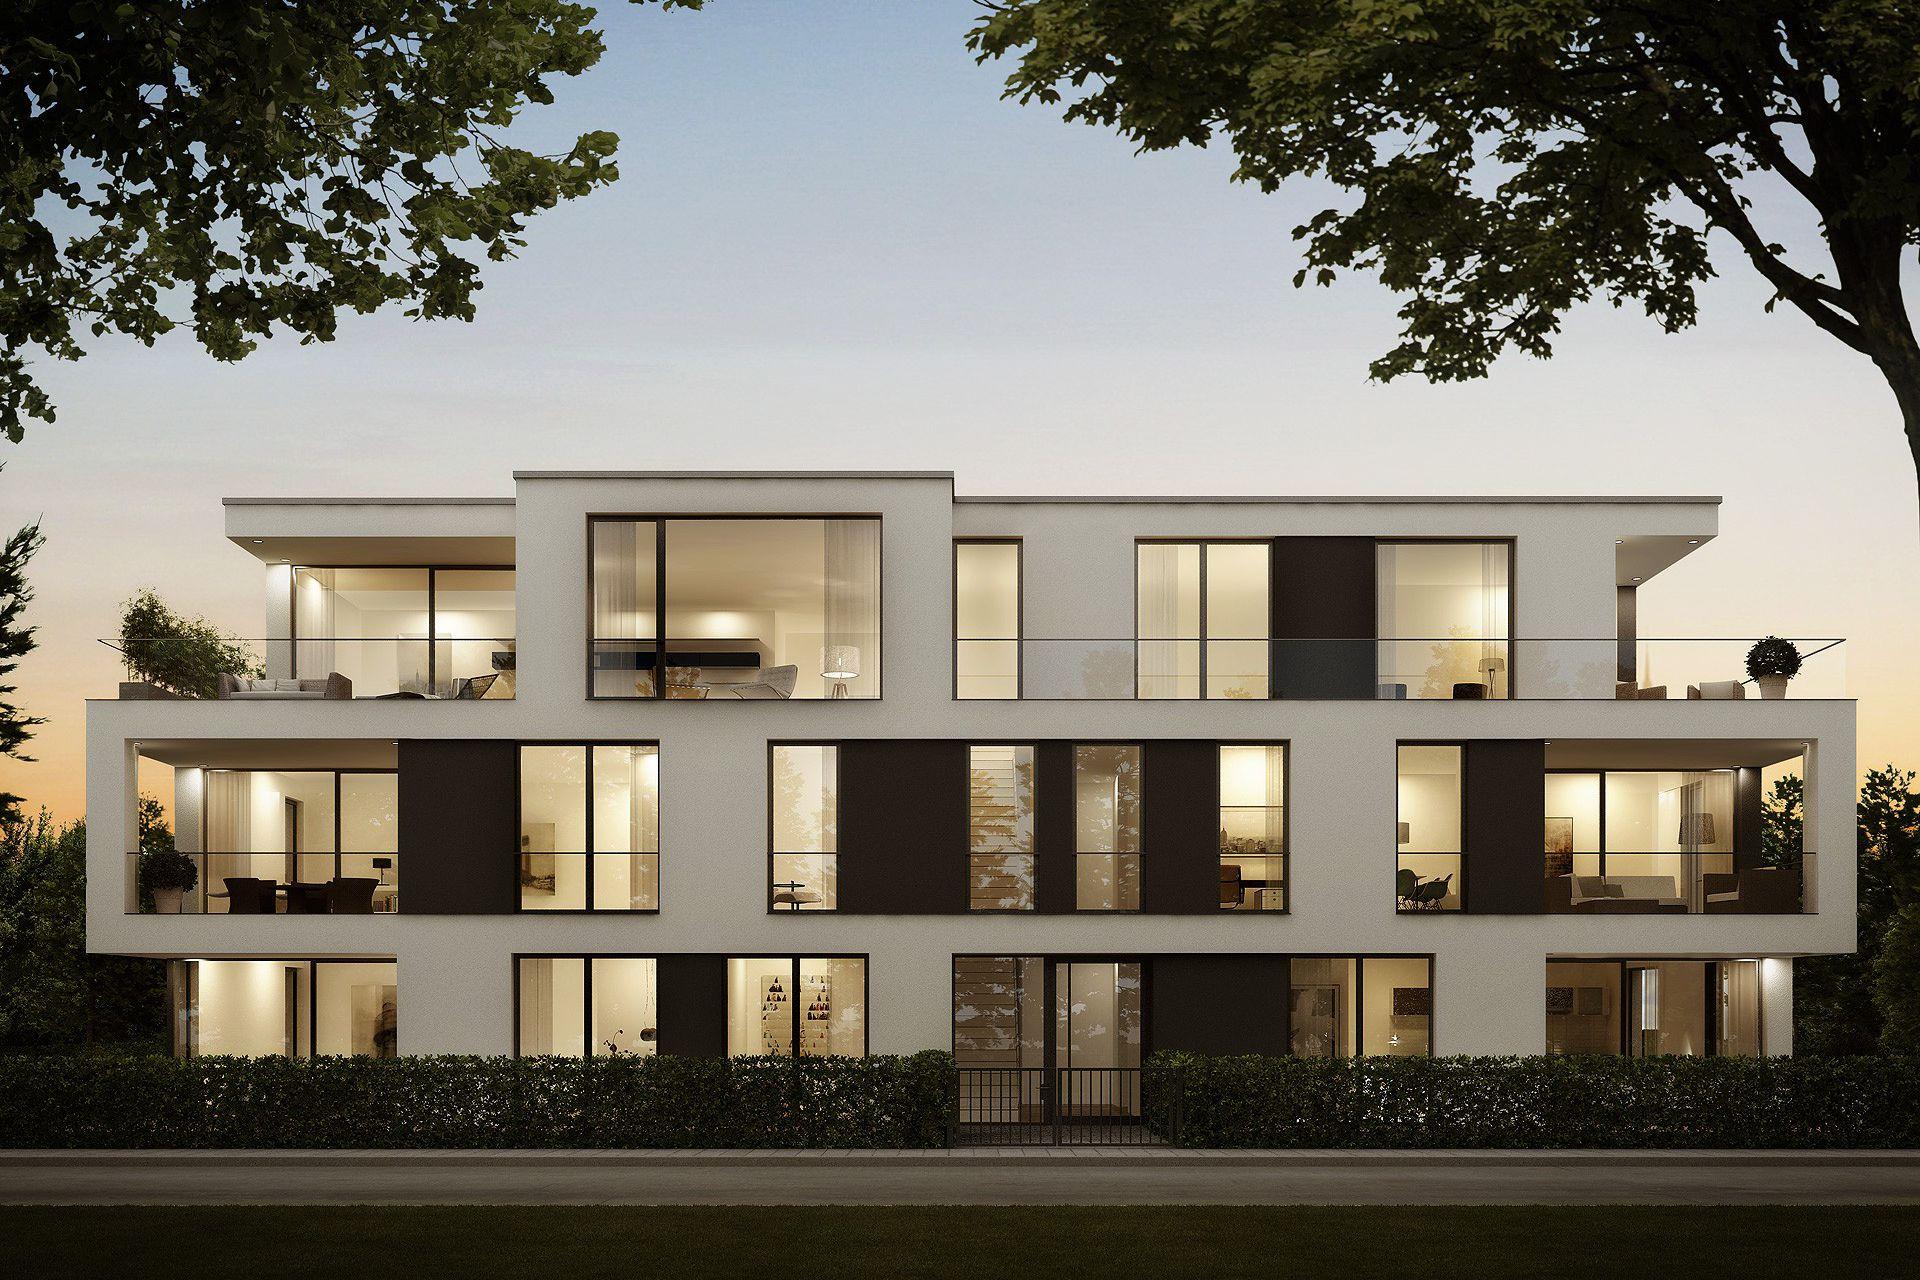 3d Visualisierung München wohnhaus pachmayrplatz münchen pachmyrplatz villa konzept3d 3d